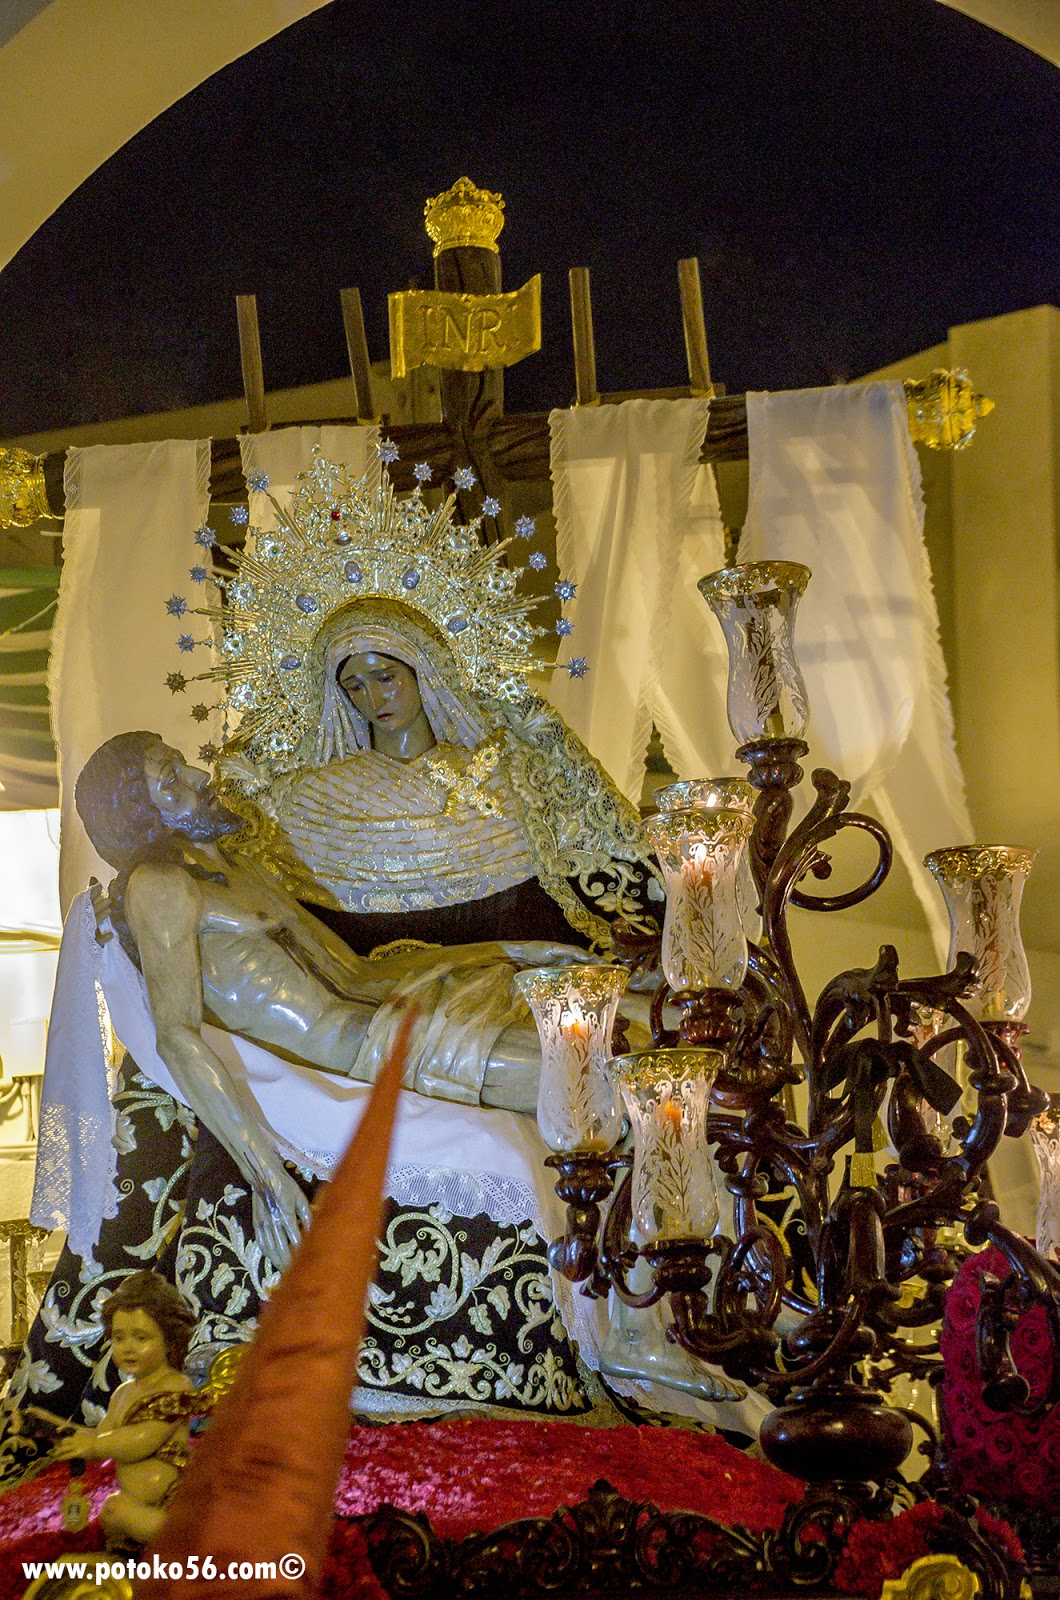 Ntra. Sra. de los Dolores con su hijo en yacente Semana Santa Roteña